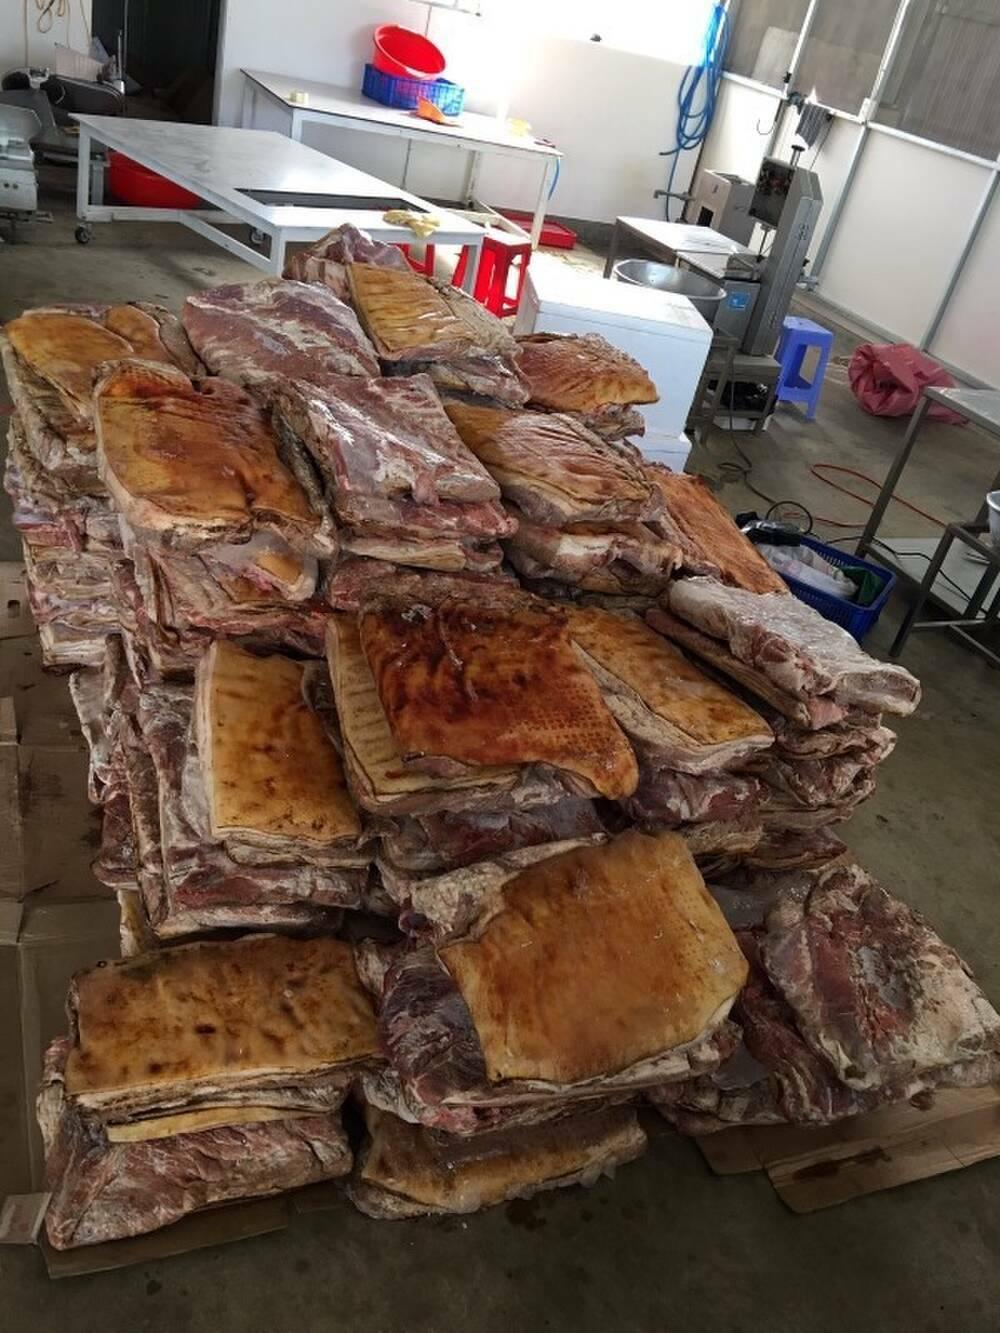 Phát hiện hơn 1,4 tấn thịt heo đông lạnh không rõ nguồn gốc xuất xứ